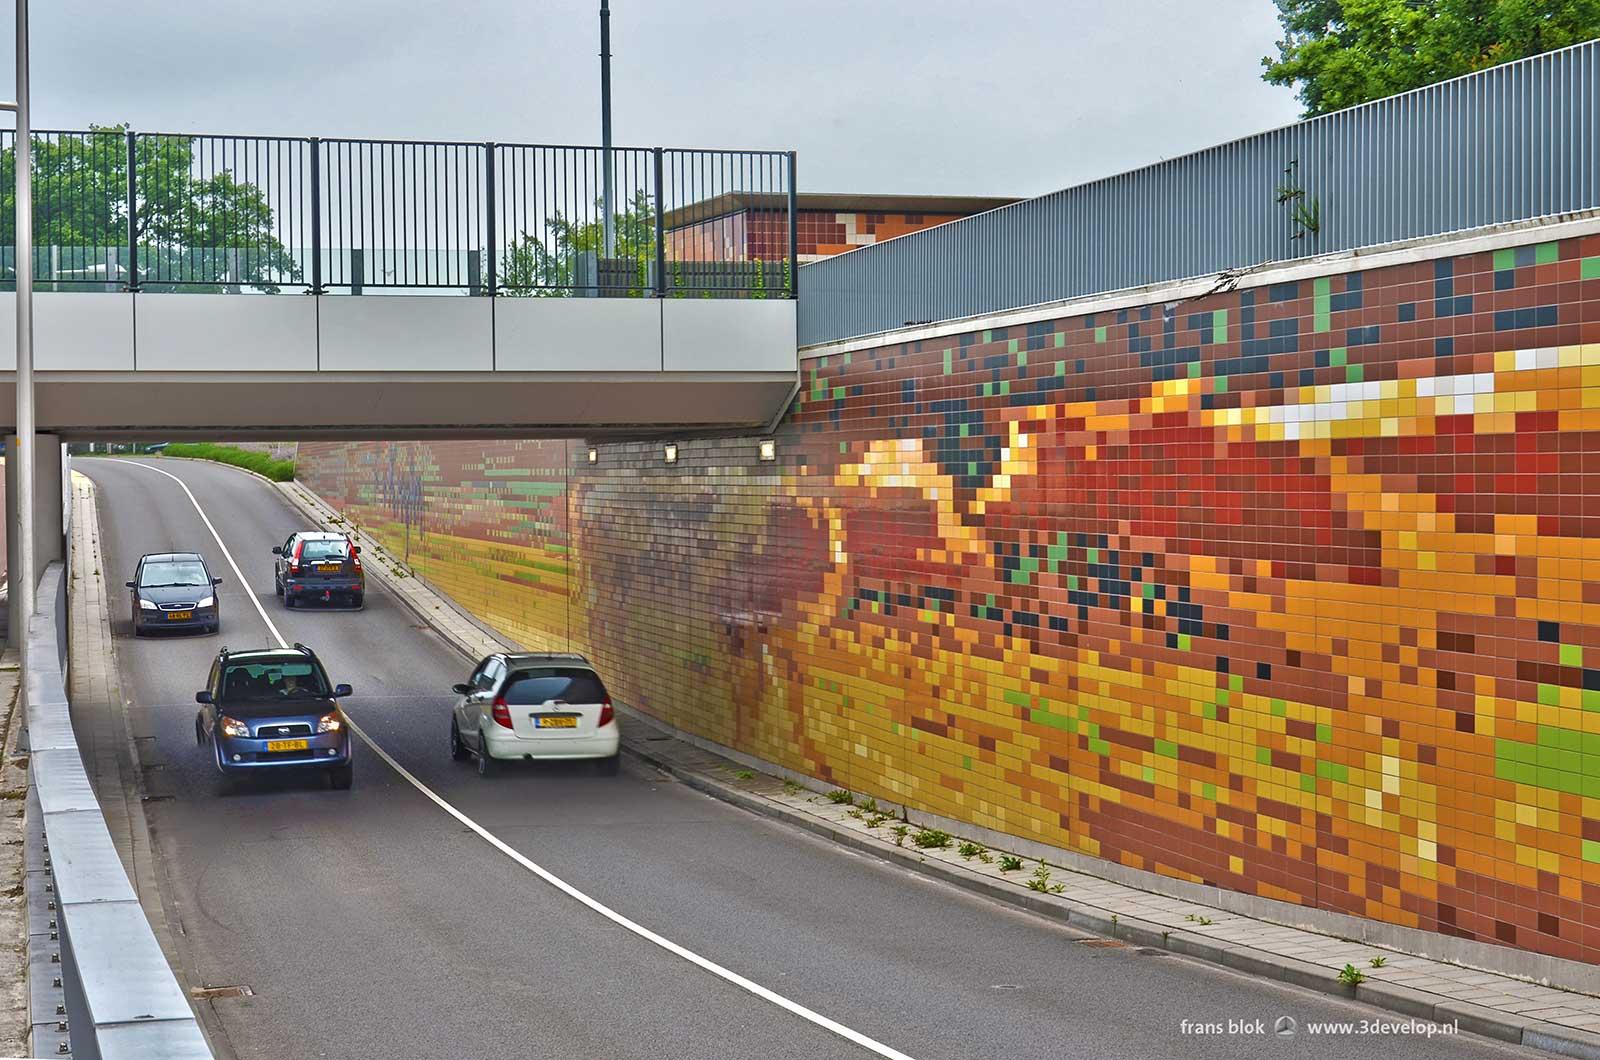 Van Kregtentunnel in Wierden: het gedeelte voor auto's, met zicht op het schilderijen met twee koeien van Fedor van Kregten dat gebruikt is voor het tegelwerk op de wanden